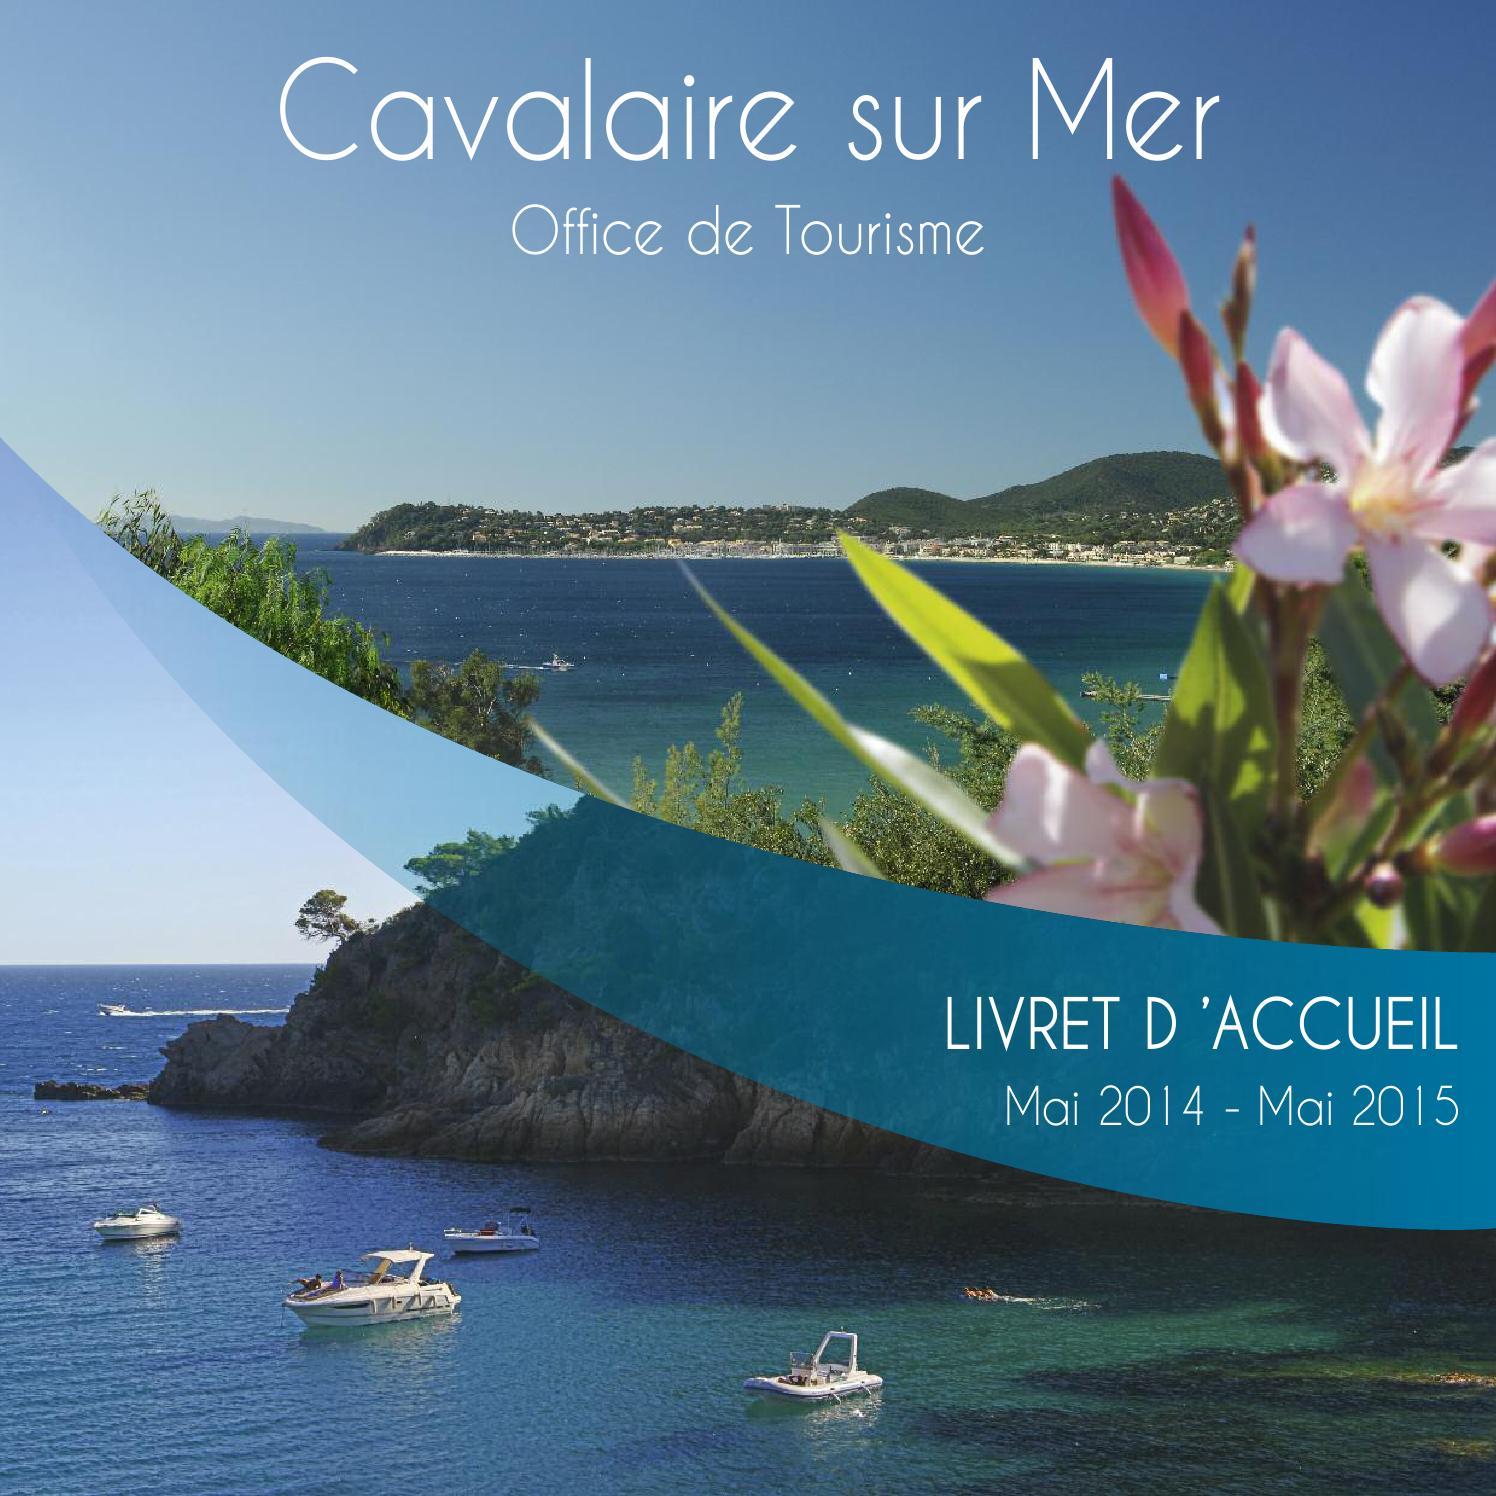 Cavalaire tourisme livret accueil 2014 by cavalaire sur - Office des oeuvres universitaires pour le centre ...